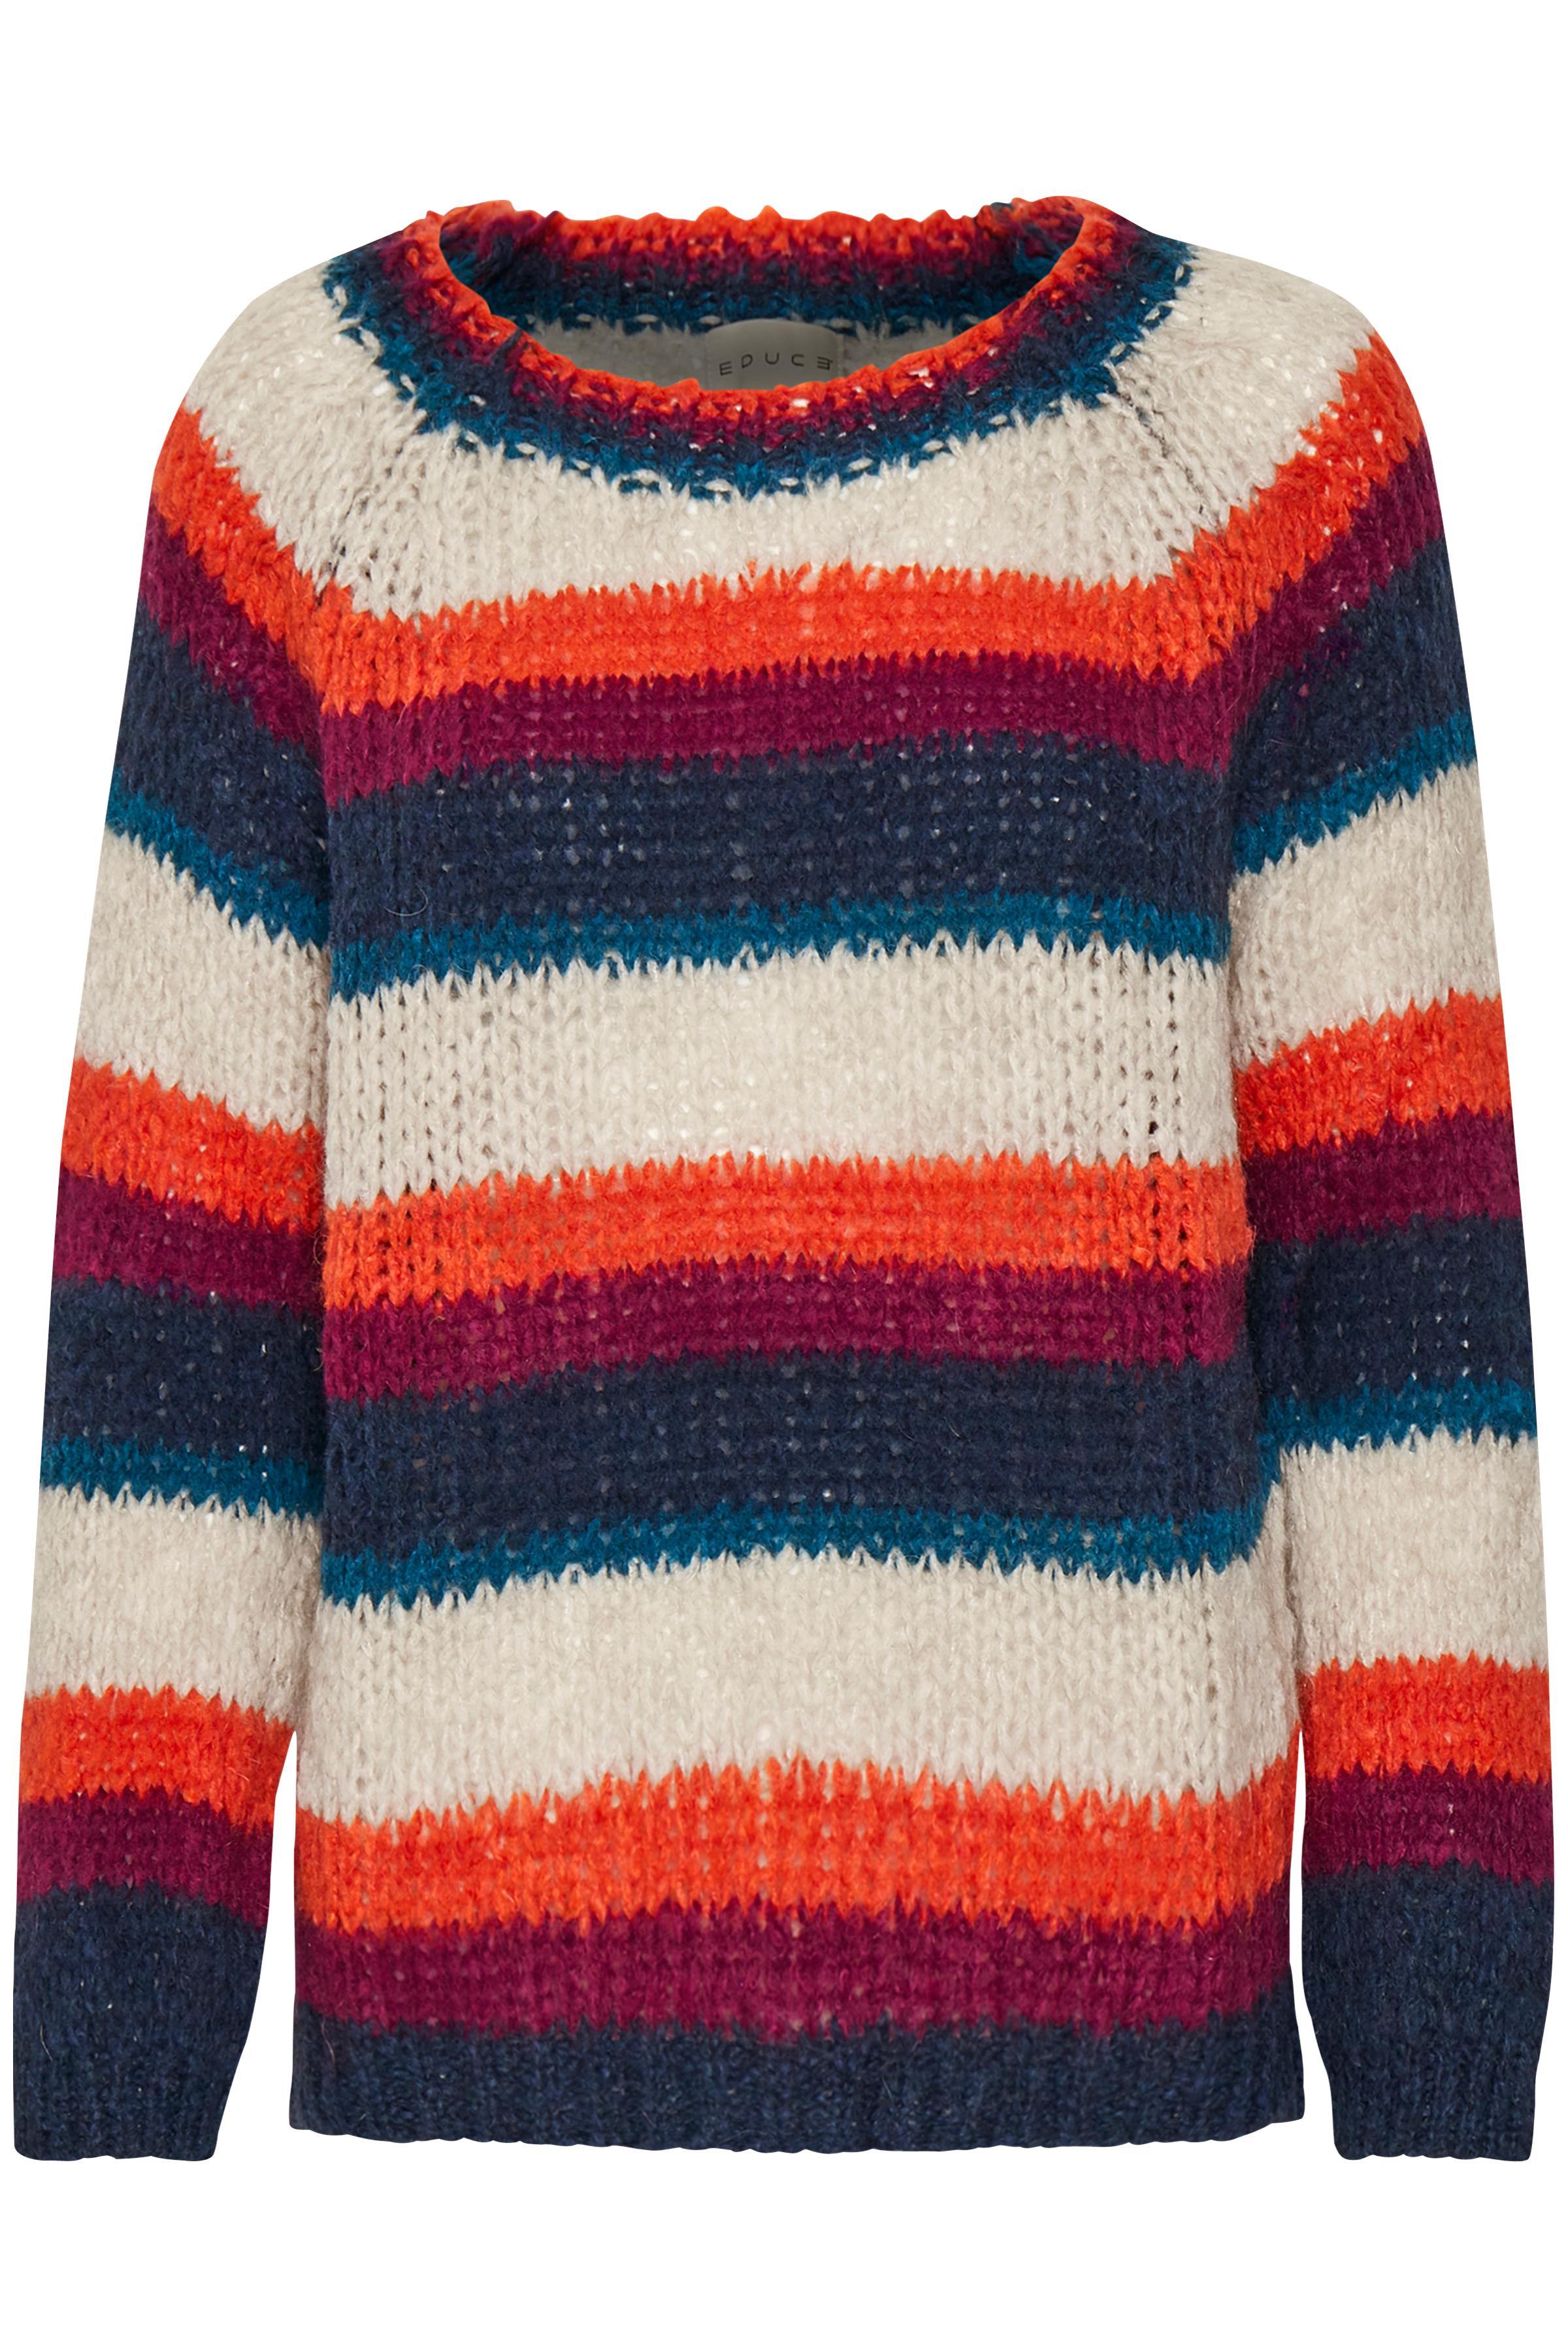 628a1f56 ... Gensere / Educe stripete strikkegenser. 🔍. Educe stripete  strikkegenser – Educe Educe stripete strikkegenser – Mio Trend